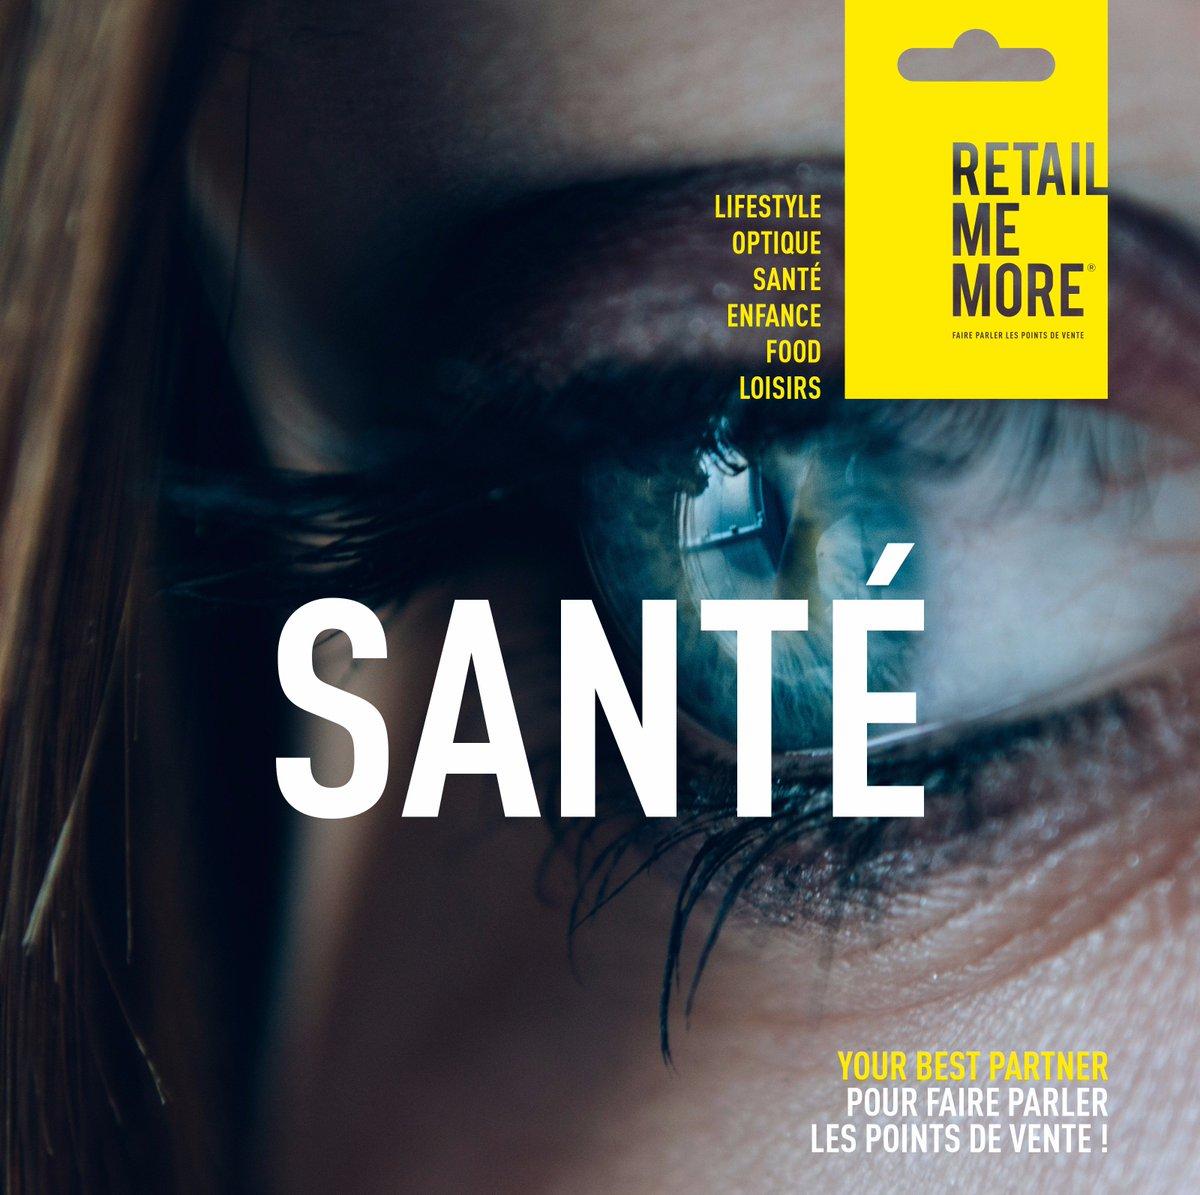 Développons votre notoriété !  #healthy #soin #offine #pharmacie #beauté #vitrine #merchandising #retailmemore<br>http://pic.twitter.com/ByYXQ5Mr45